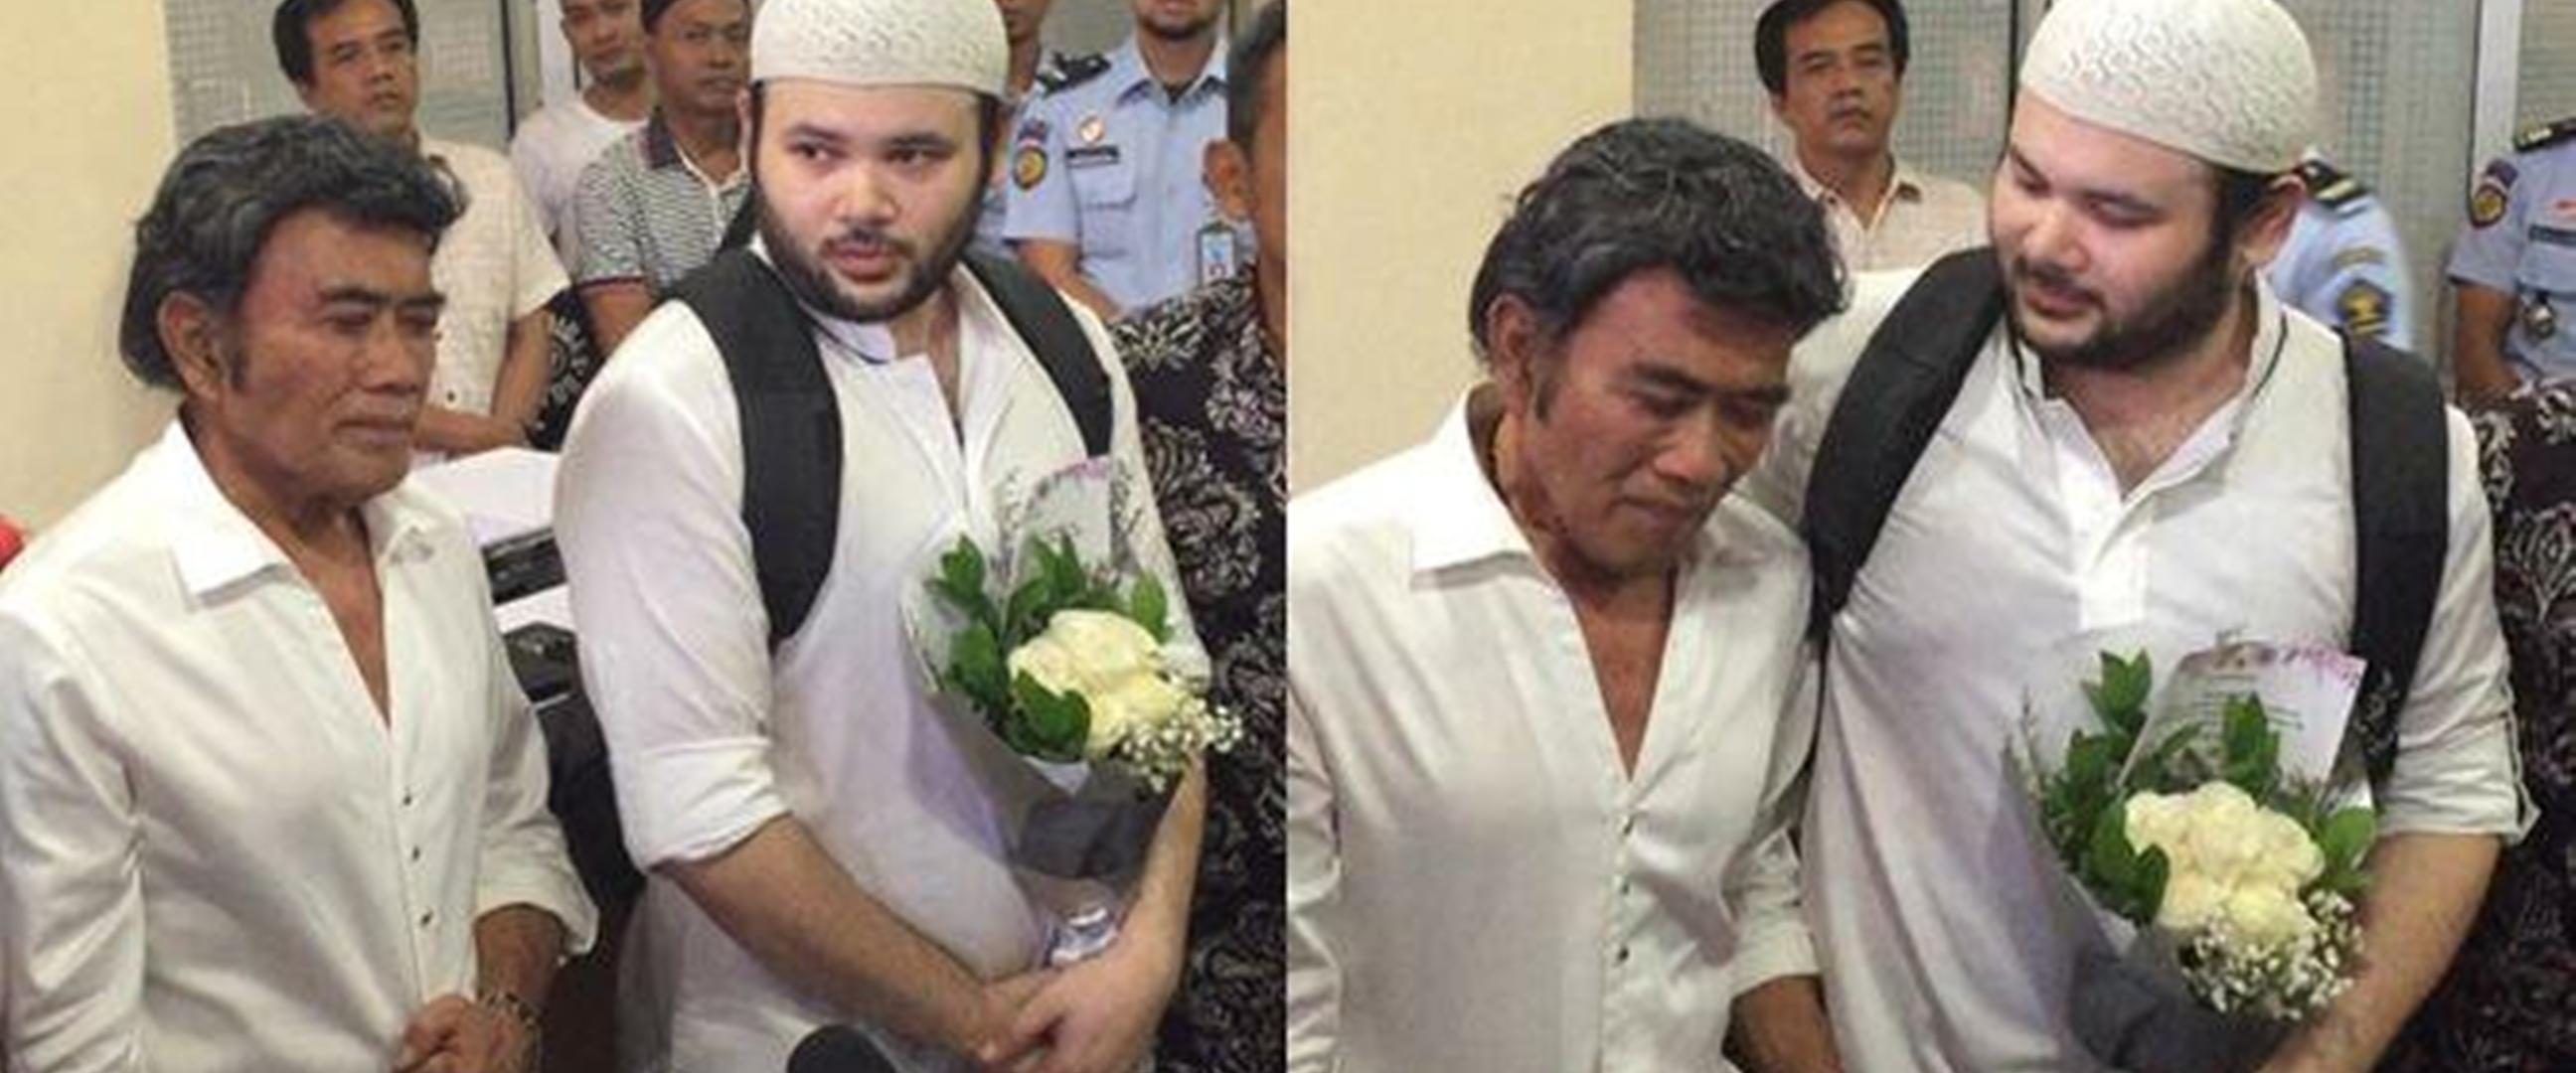 Momen Rhoma Irama jemput Ridho bebas dari penjara, haru